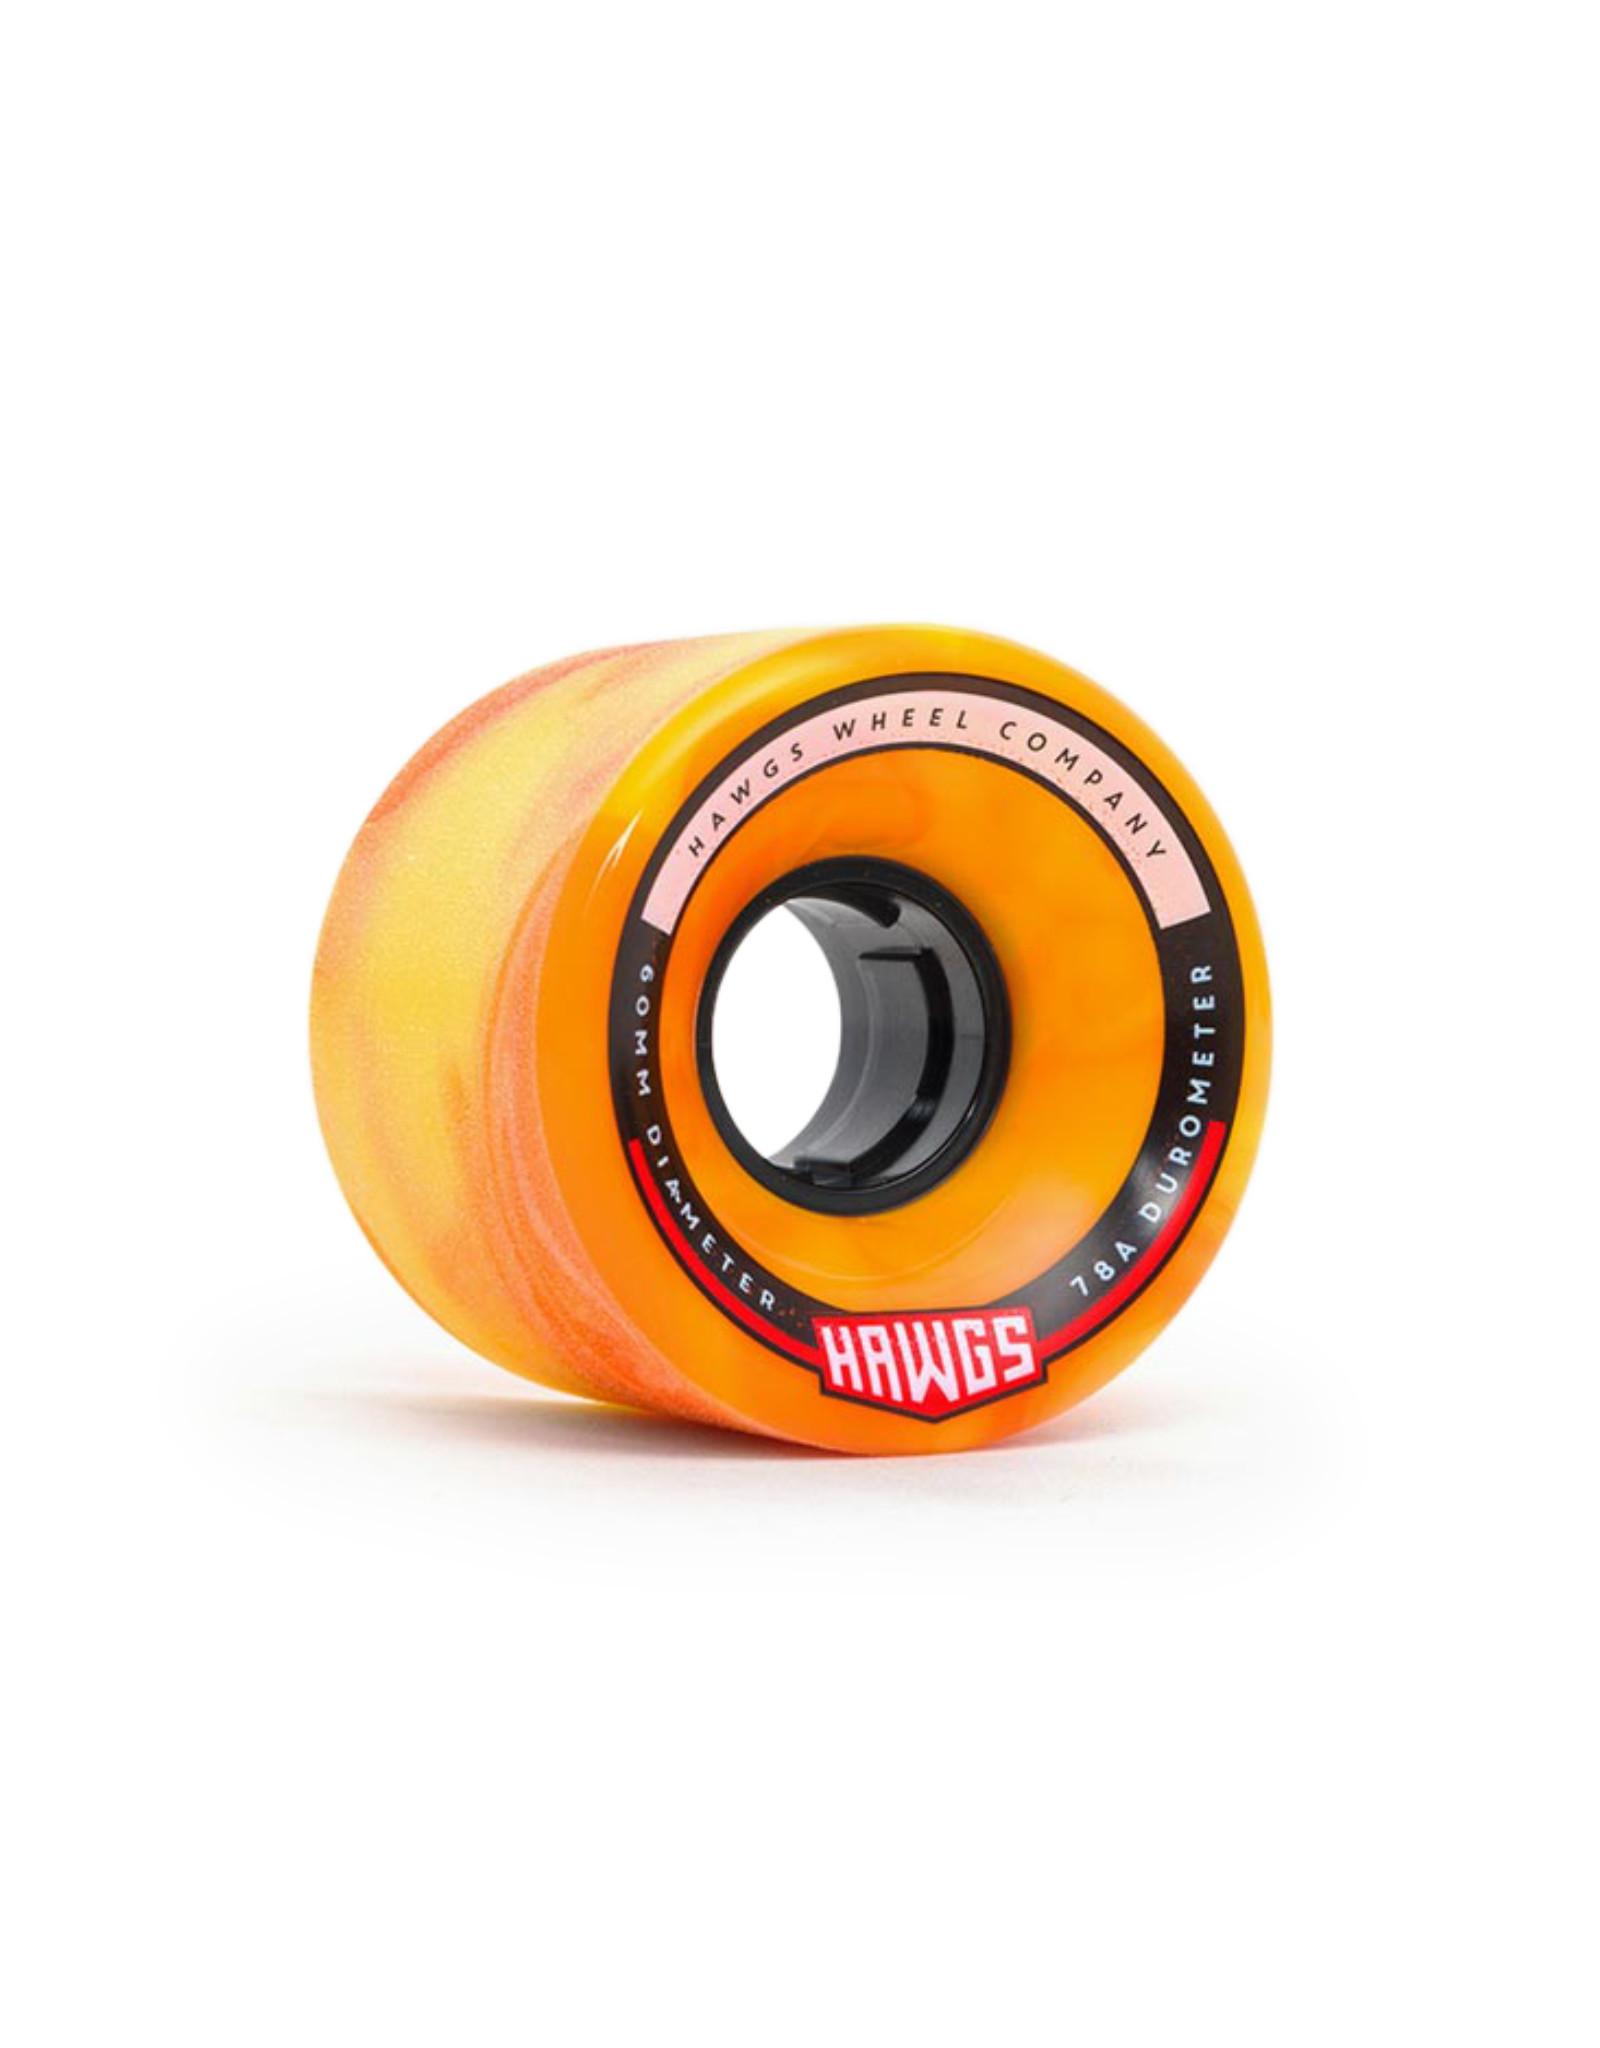 Hawgs Wheels Hawgs Chubby Wheels 60 mm 78A Orange/Yellow Swirl Set of 4